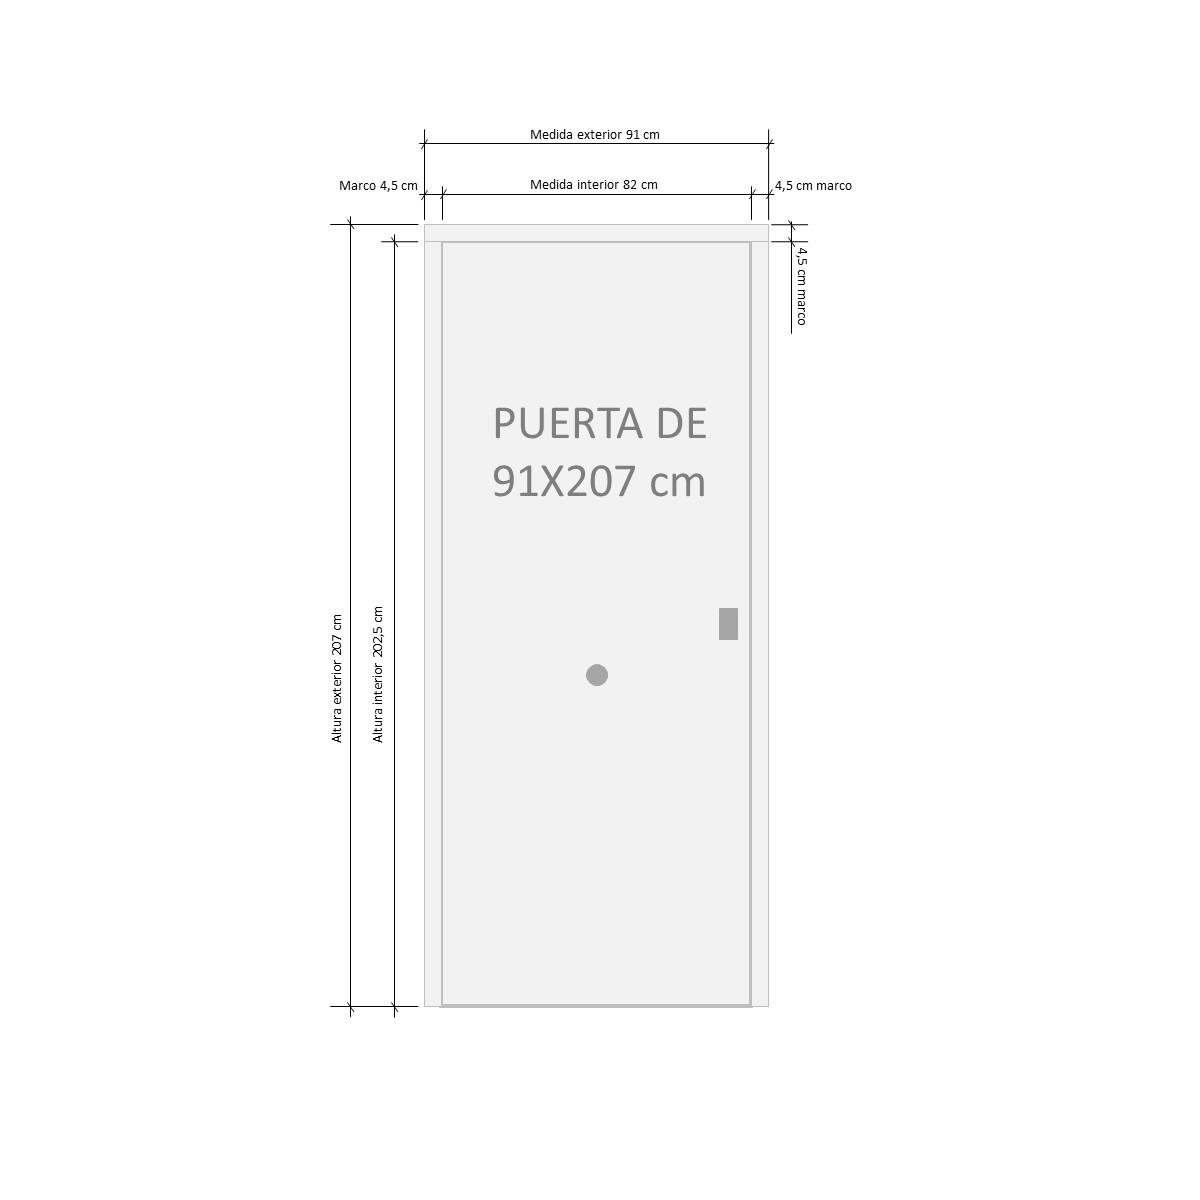 Puerta acorazada Arco Inox - Esquema de medidas